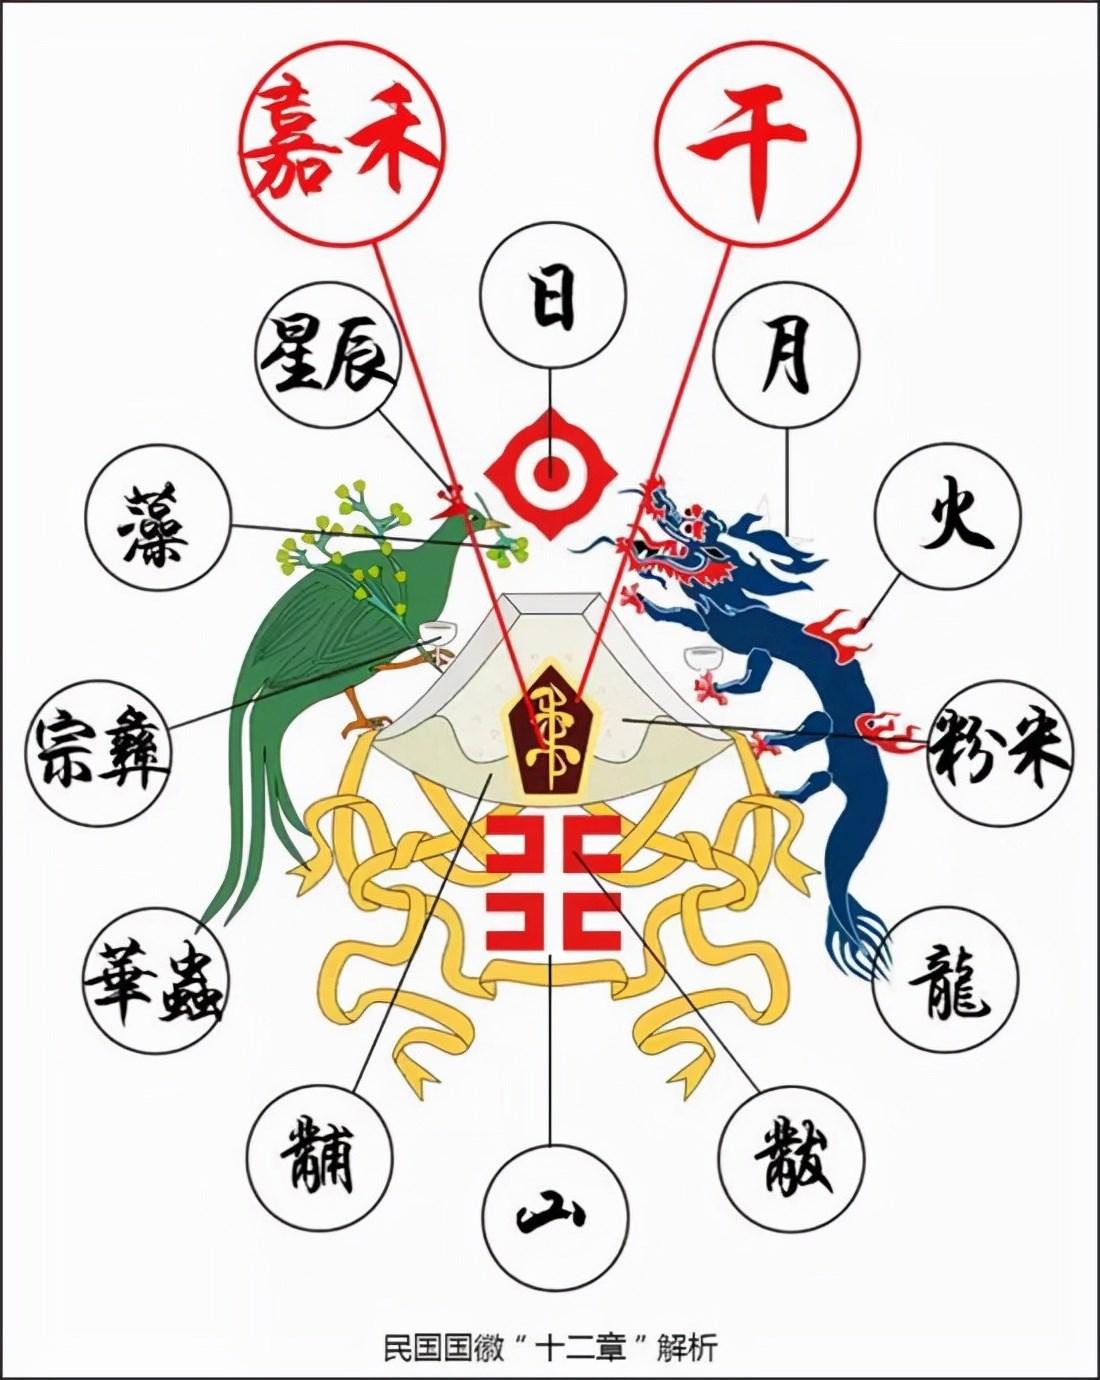 鲁迅设计了中国的第一个国徽,十二章国徽确实挺好看